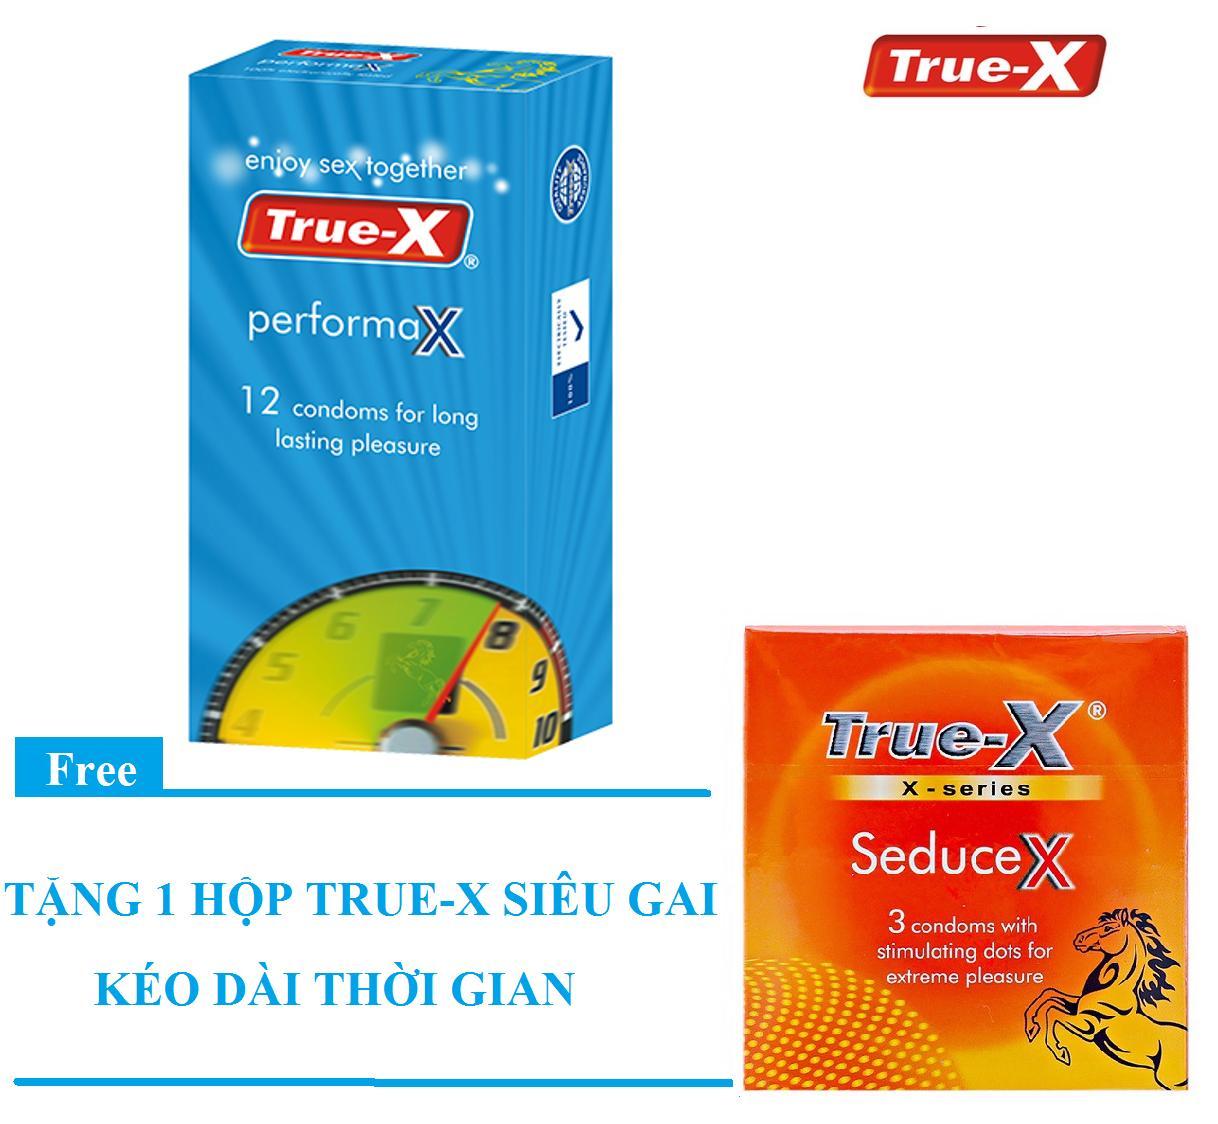 Bộ 1 hộp Bao cao su True-X PerformaX- Extra time kéo dài thời gian tặng 1 hộp True-X SeduceX (15 chiếc) nhập khẩu